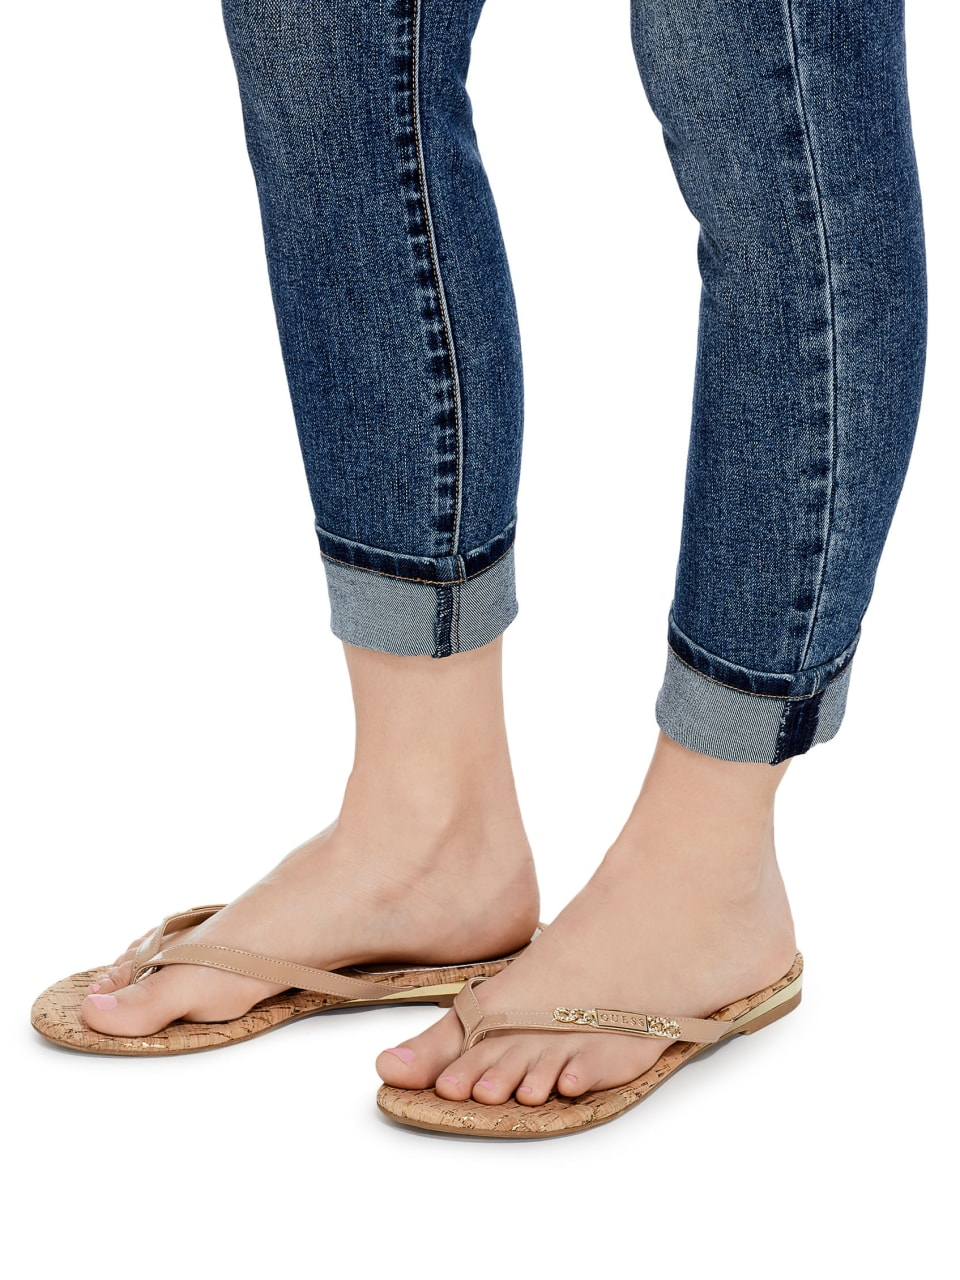 GUESS-Factory-Women-039-s-Christal-Flip-Flops thumbnail 20